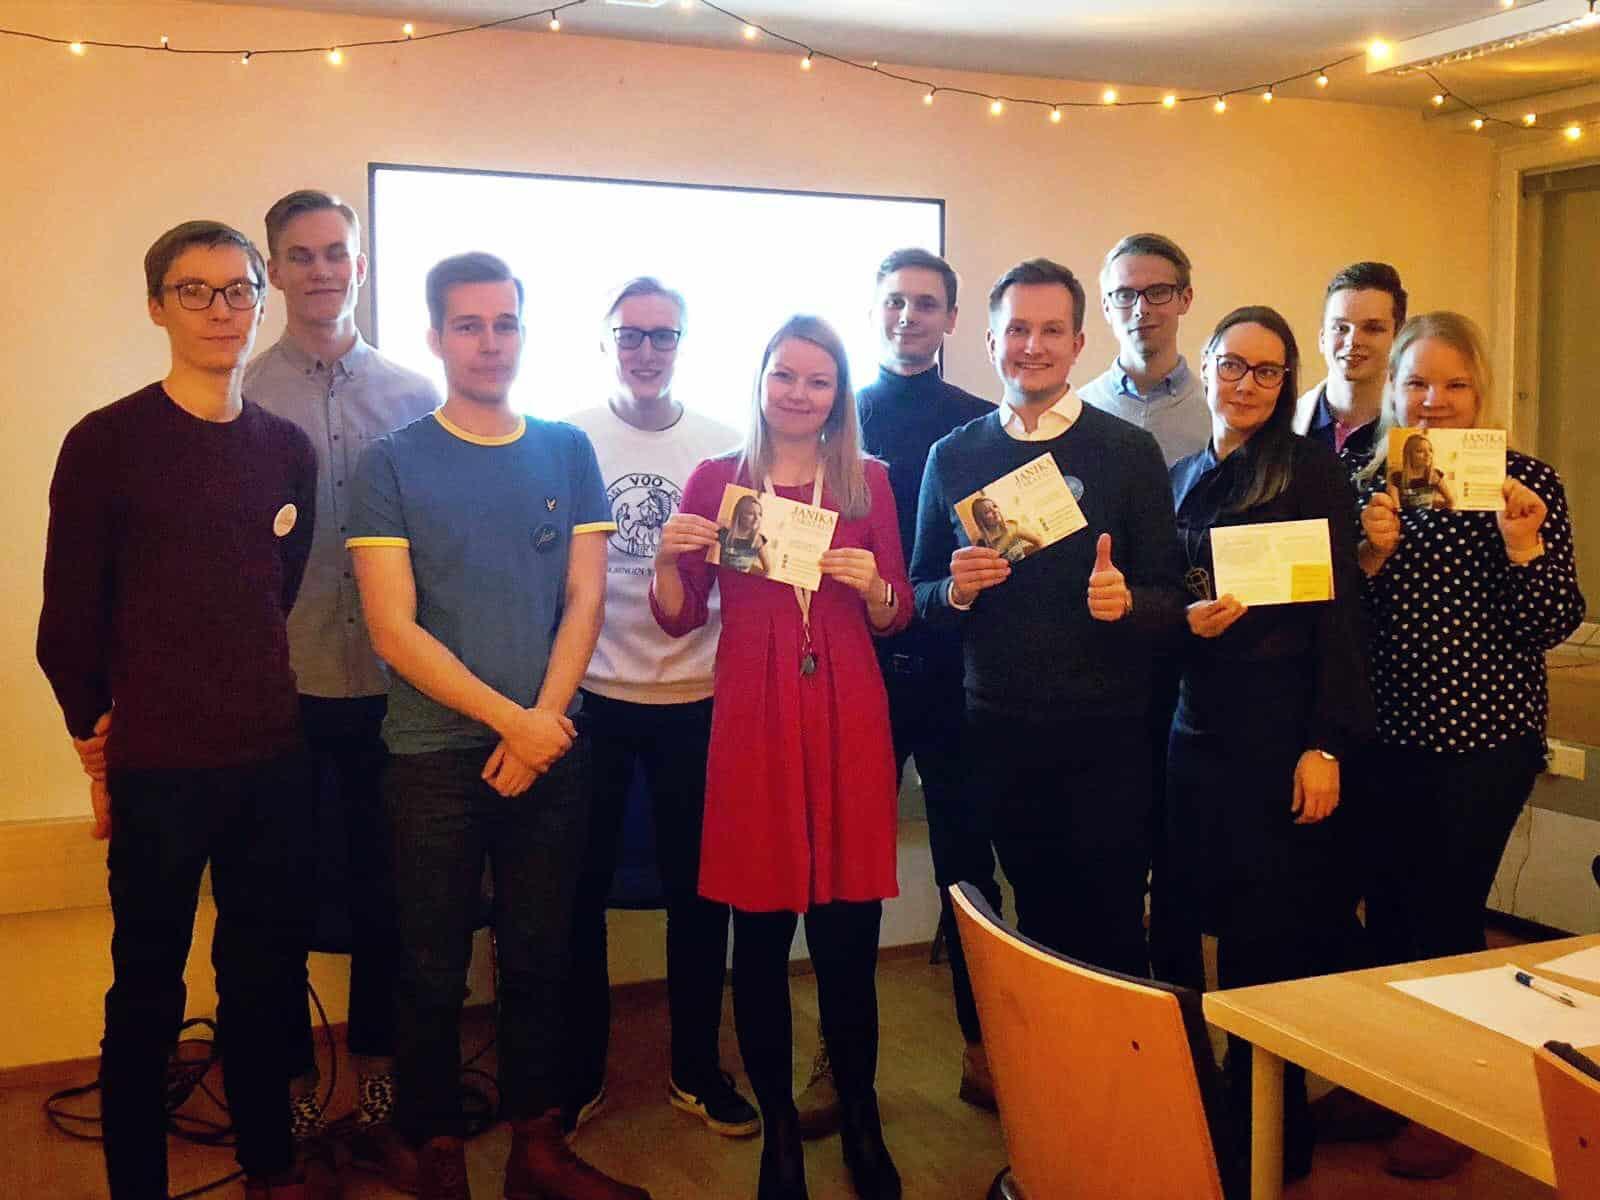 Eurovaalit2019 Helsinki, kokoomusopiskelijat, kokoomus, opiskelijat